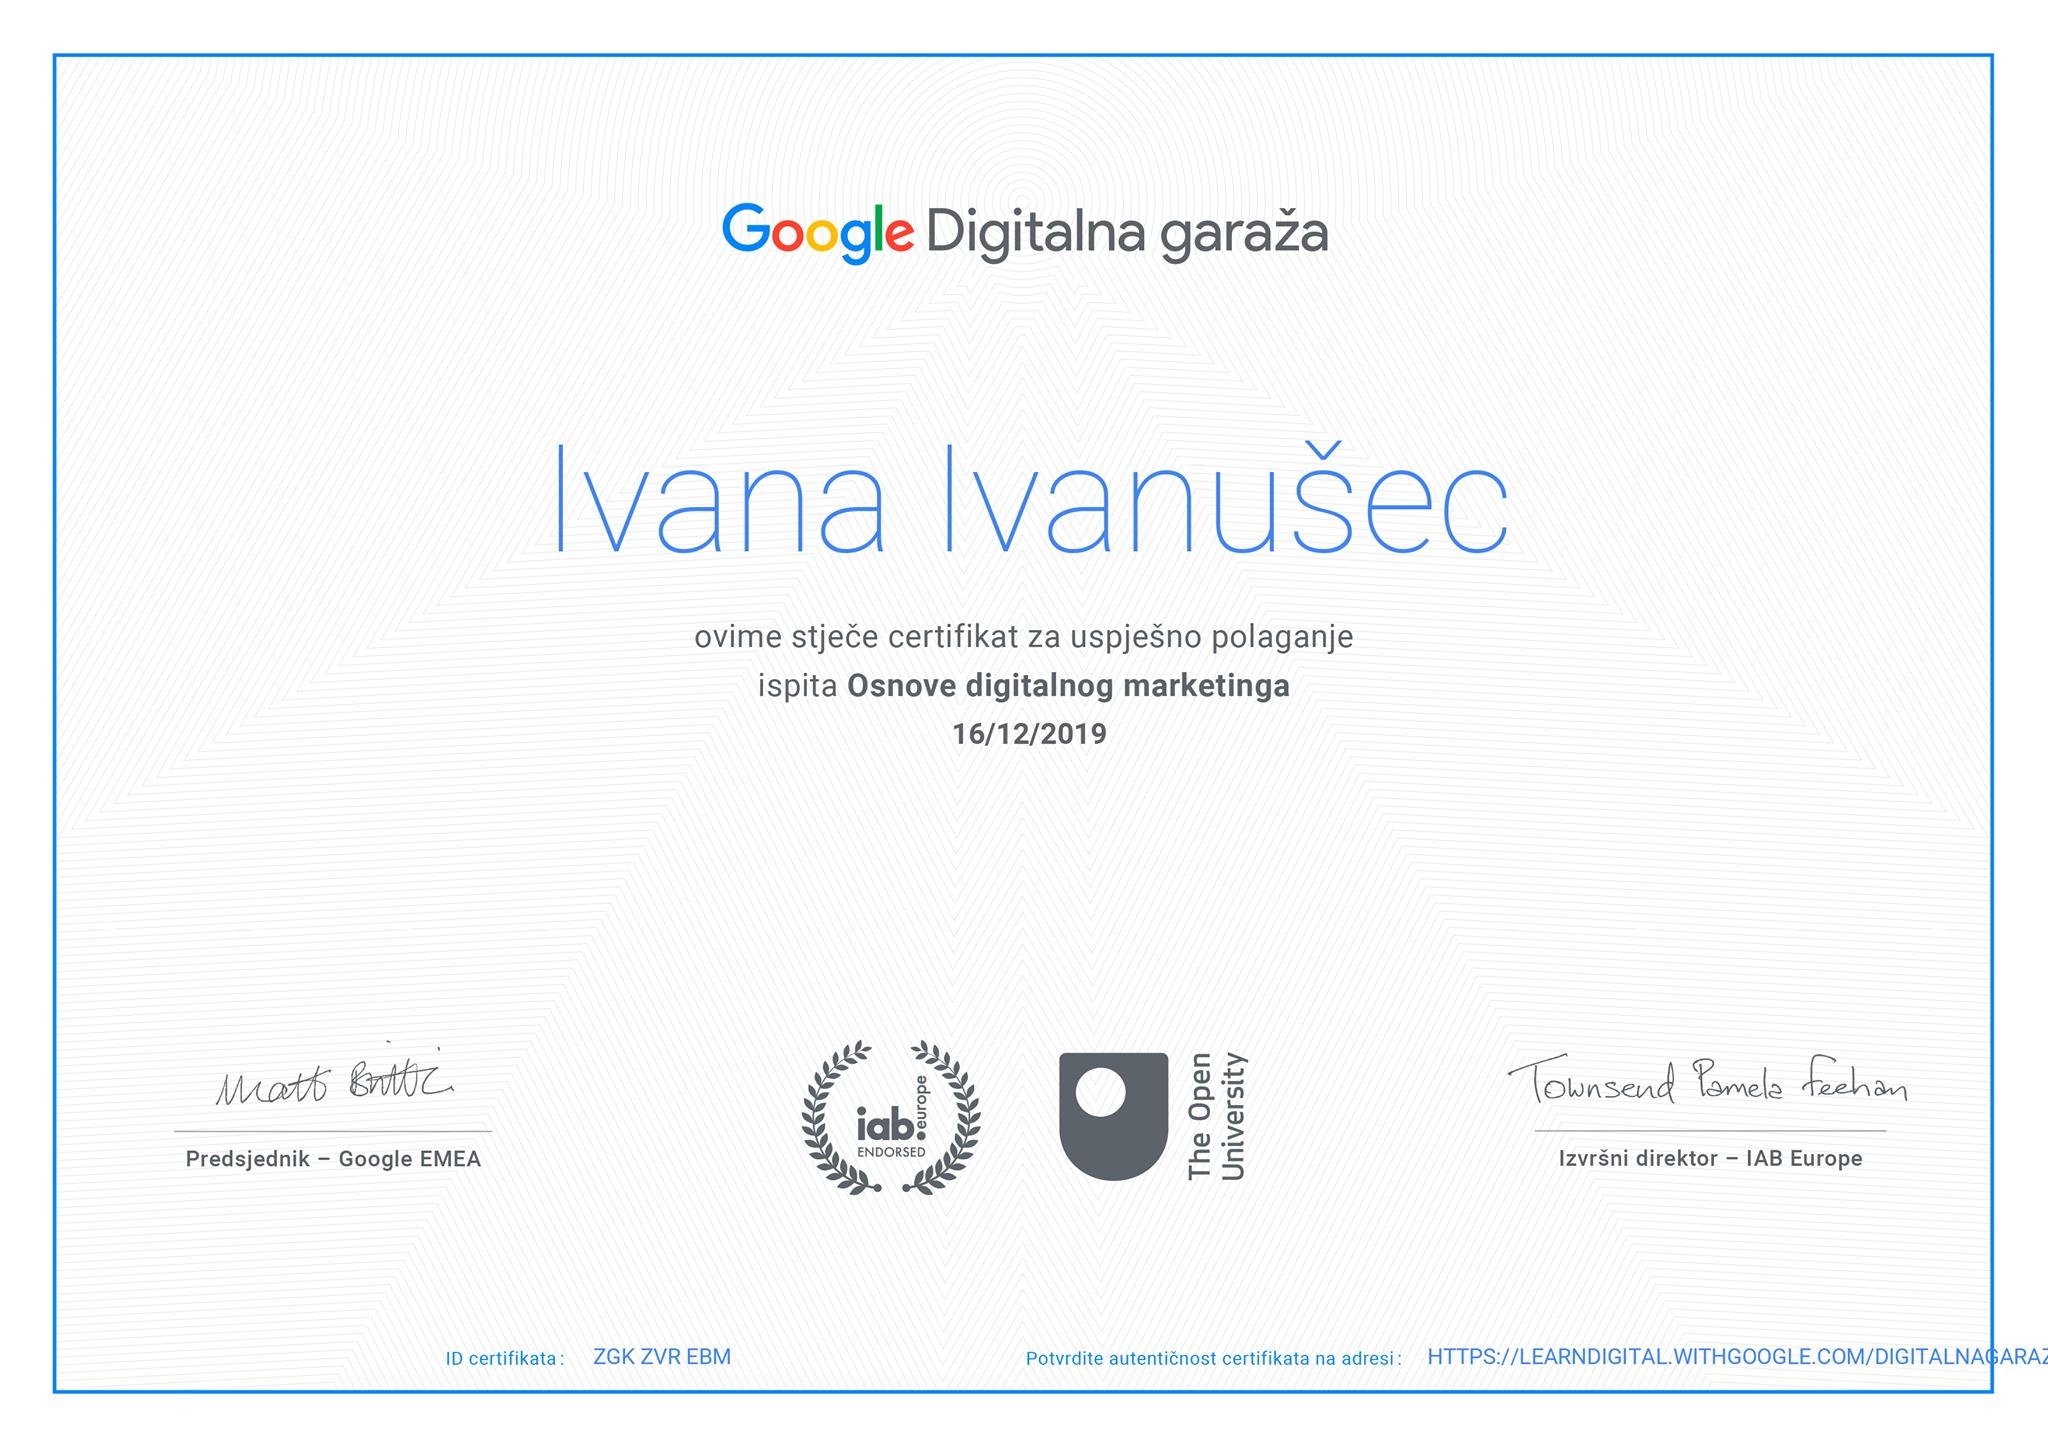 Google Digitalna garaža - certifikat za digitalni marketing